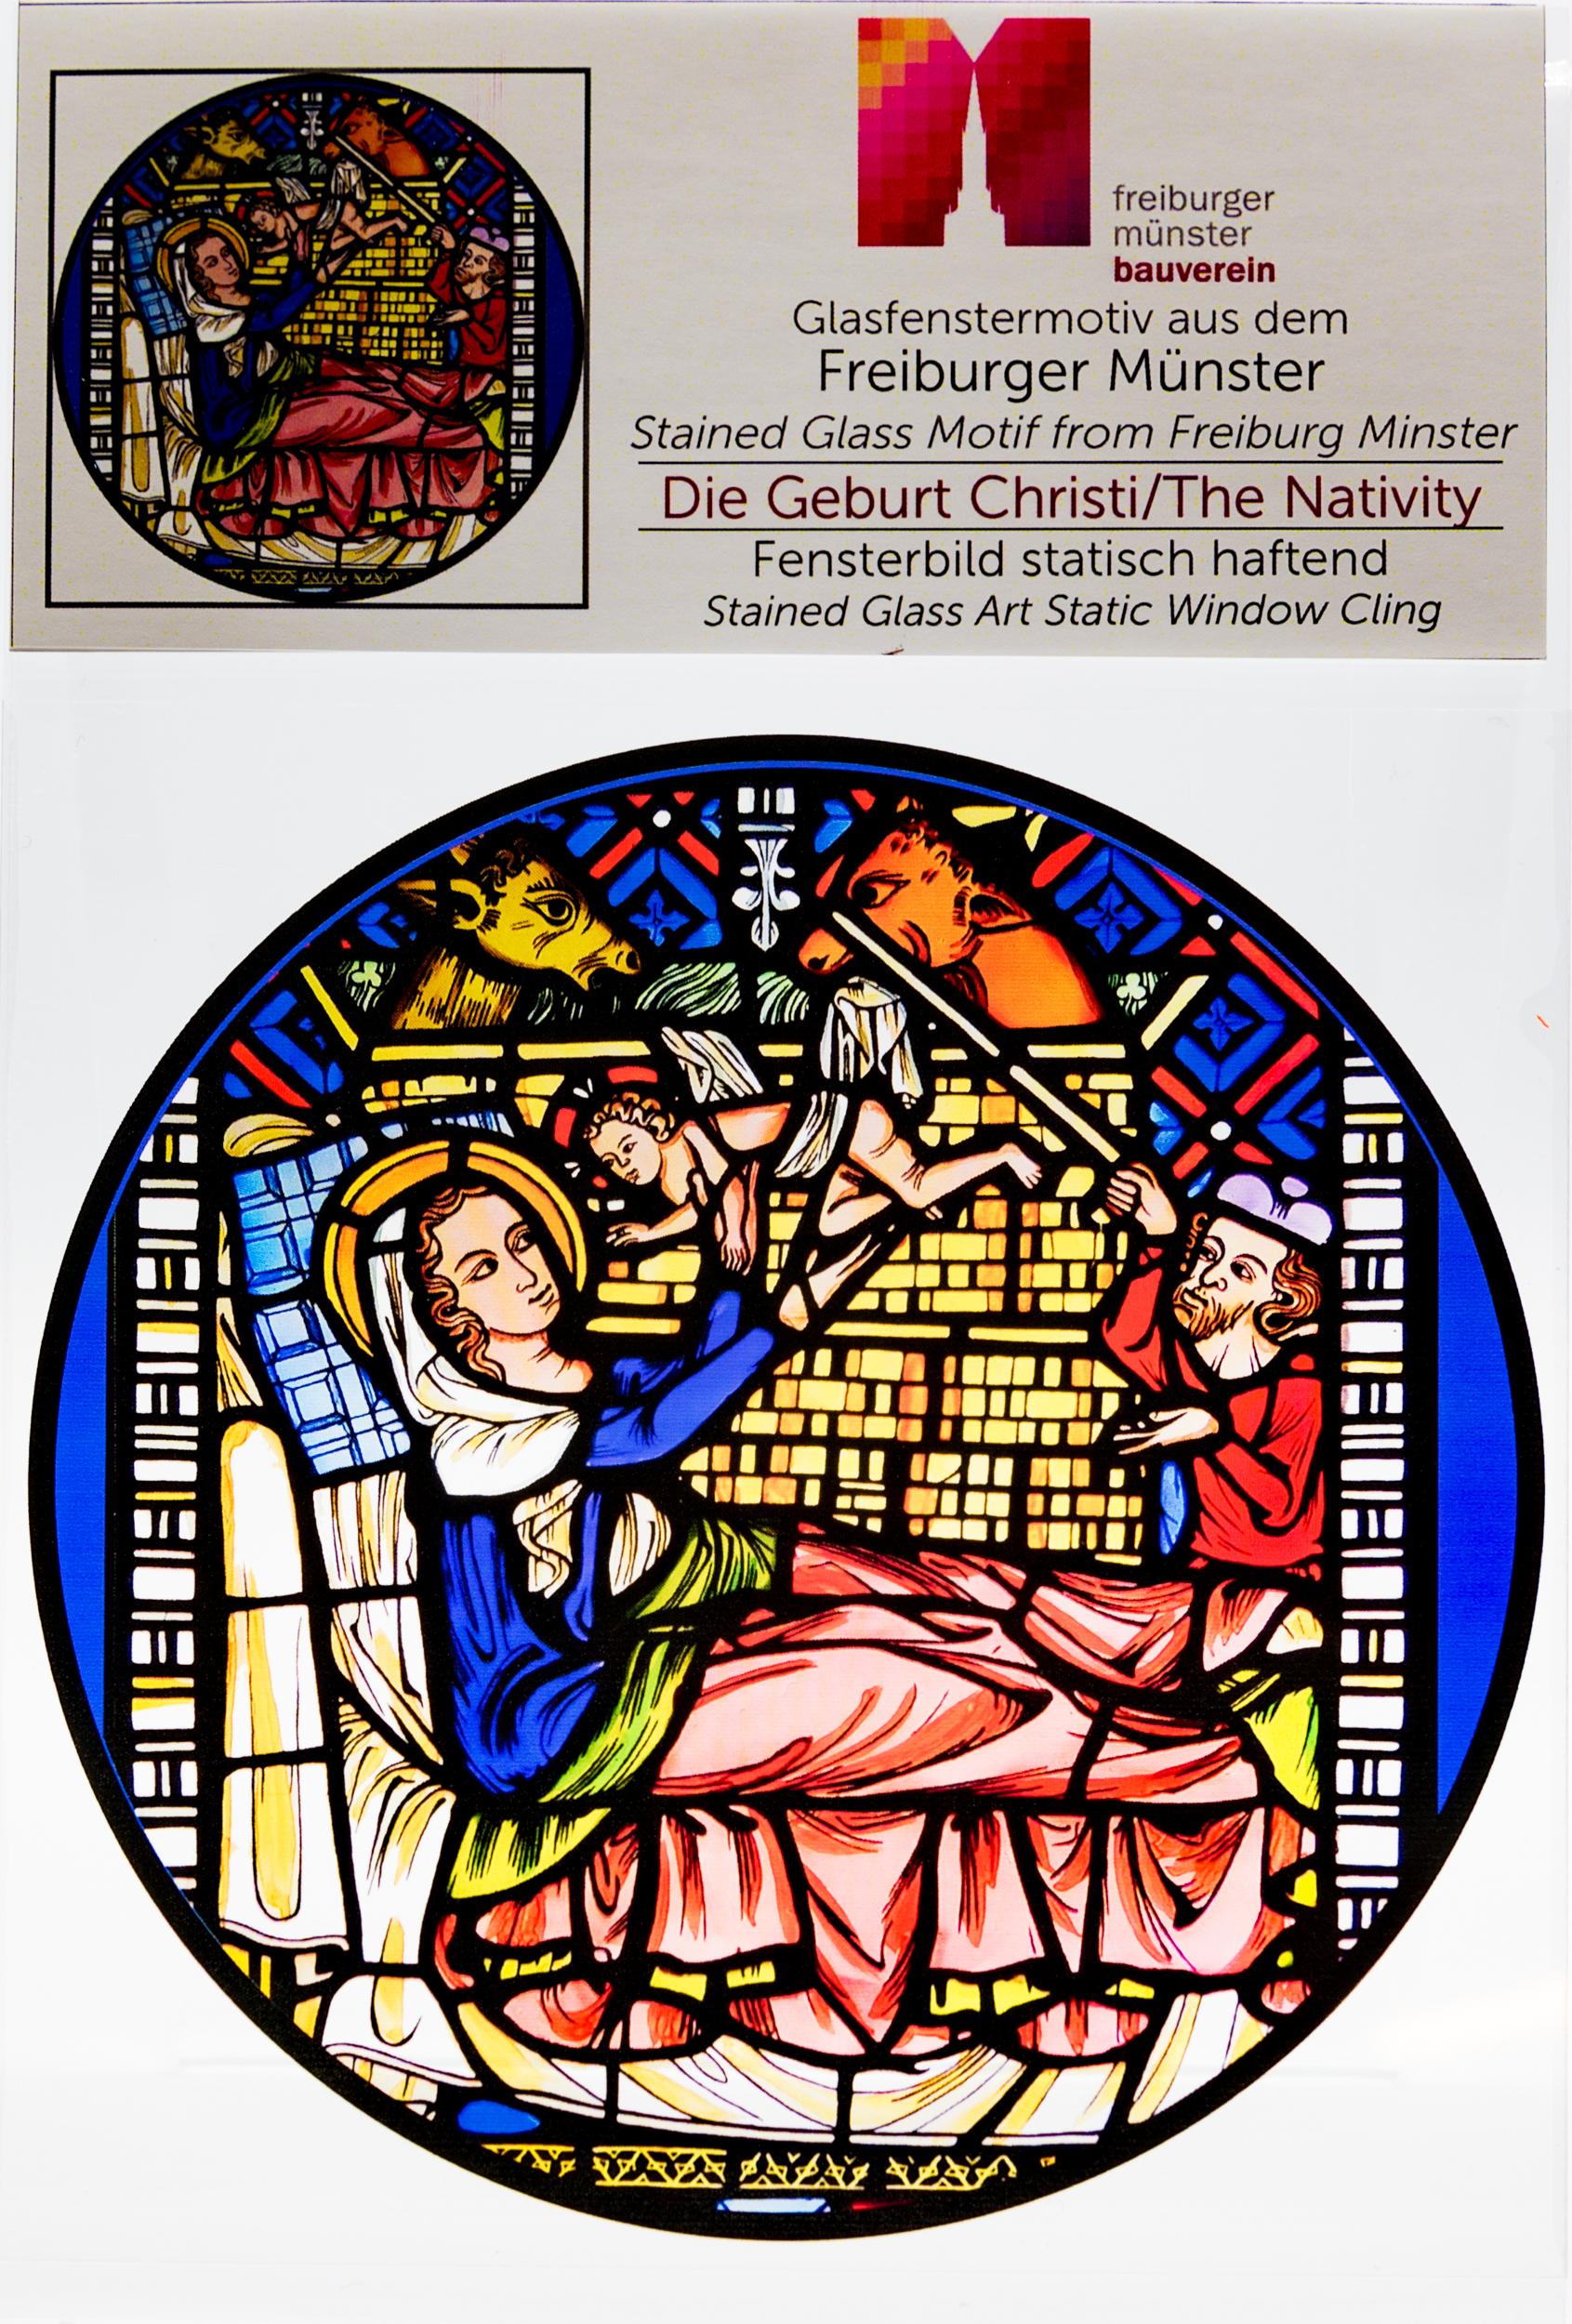 Münsterladen Freiburg Glasmalerei Fensterfolie Geburt Christi